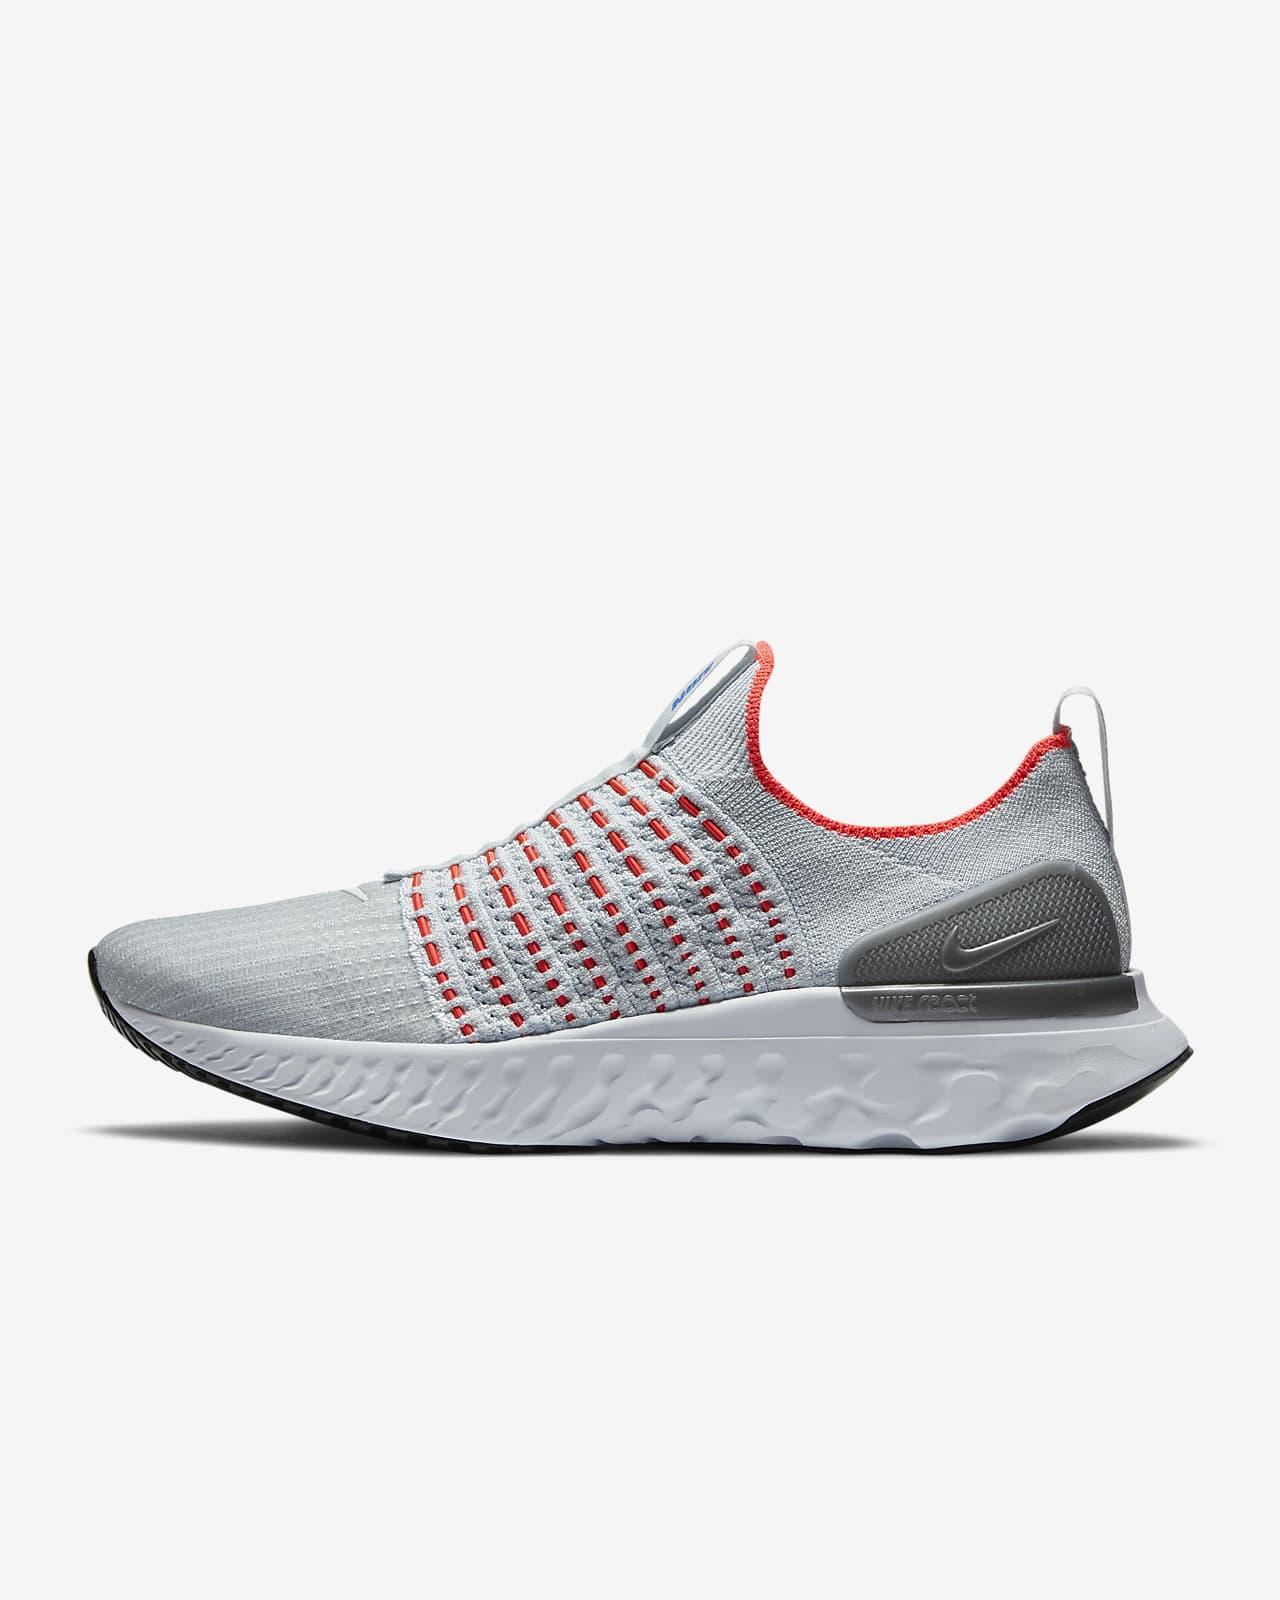 Calzado de running para hombre Nike React Phantom Run Flyknit 2